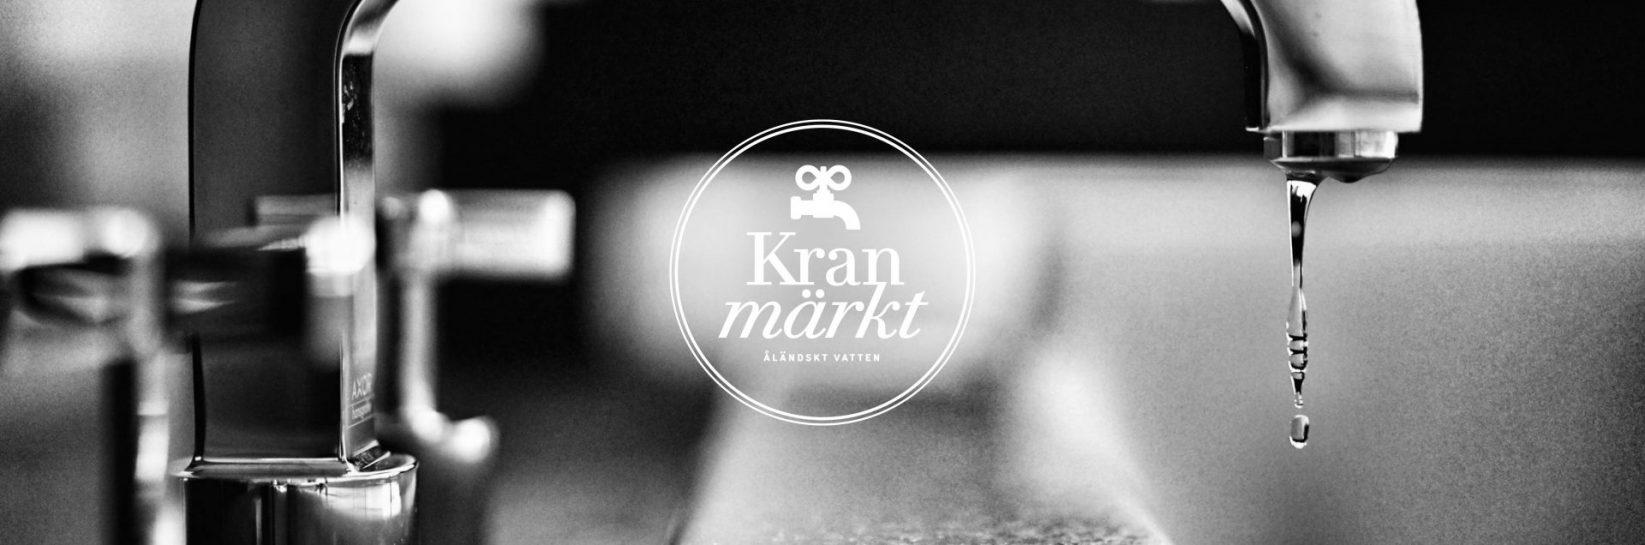 kranmarkt-slider3